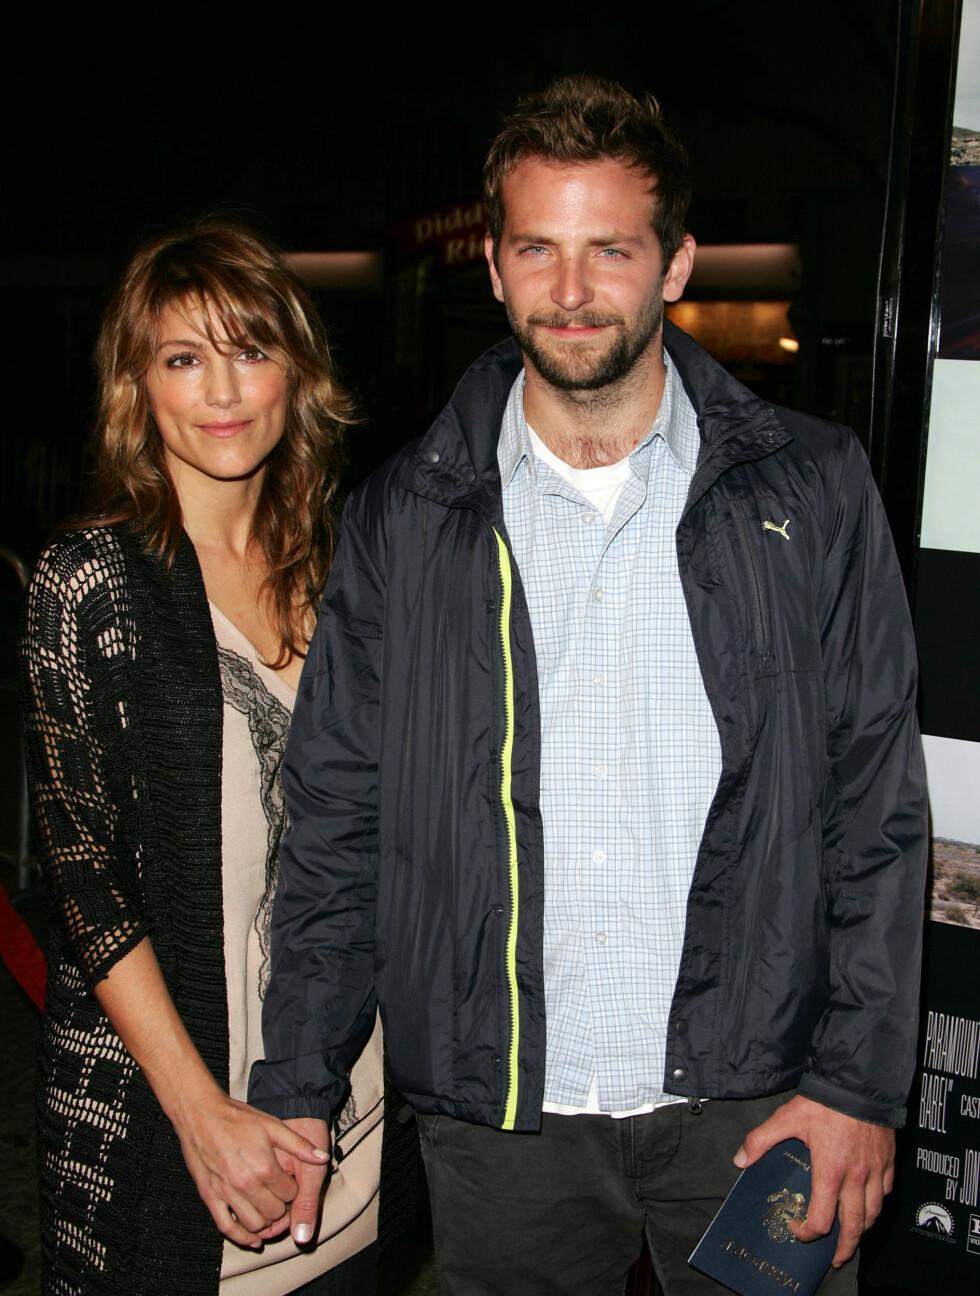 HOT: De kunne ha vært Hollywods vakreste ektepar, men den gang ei. Jennifer Esposito og Bradley Cooper datet i et år, før de ga hverandre sitt ja. Men bare fire måneder senere var bruddet et faktum. - Det er slik det burde være. Man må bare gå vide Foto: STELLA PICTURES